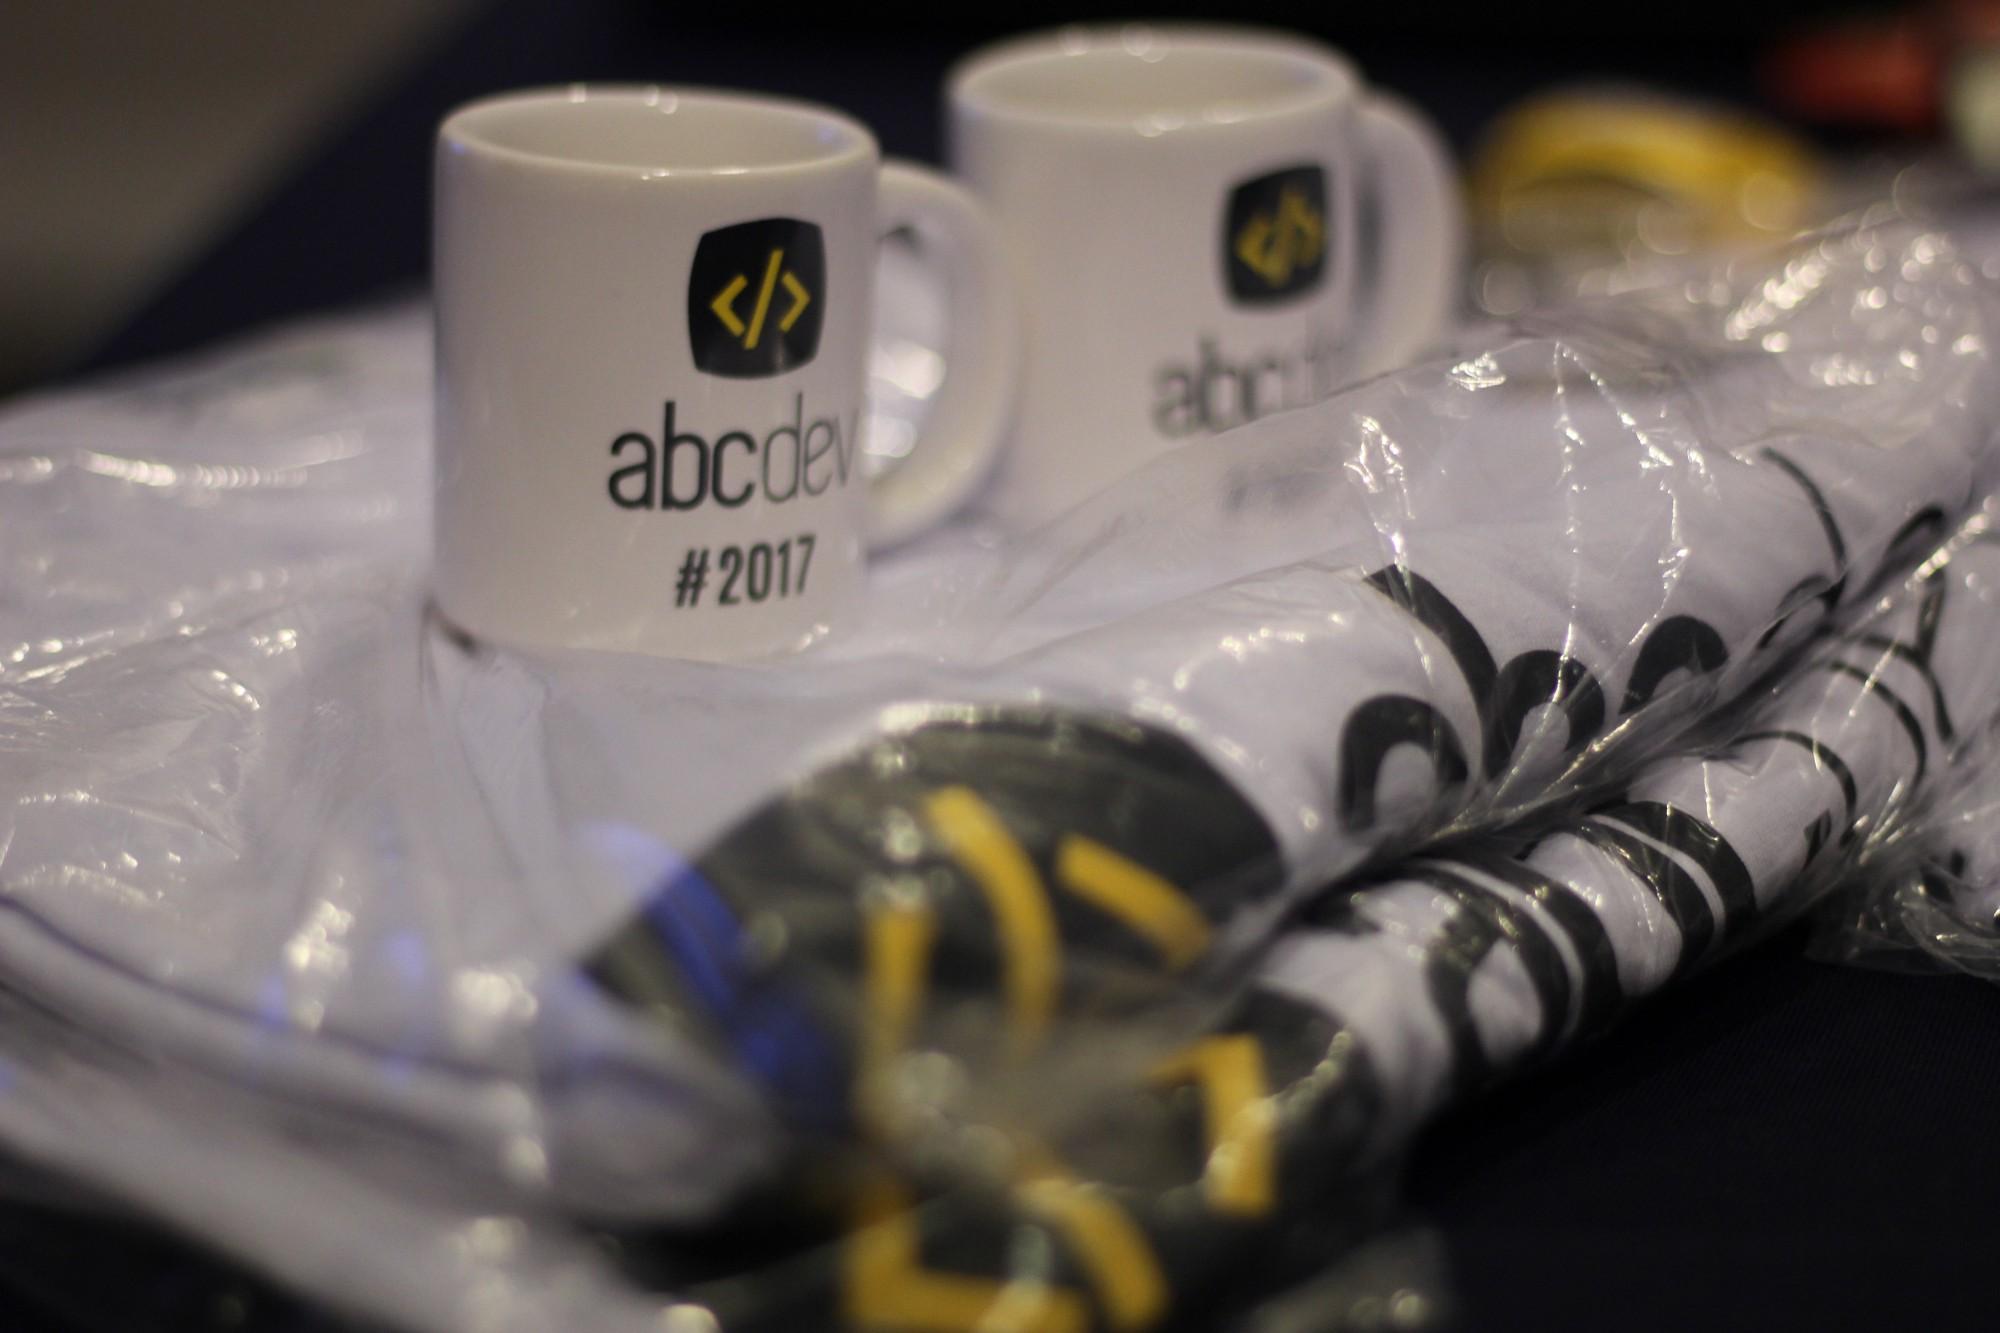 Imagem dos brindes do ABC-Dev 2017, camisetas e canecas